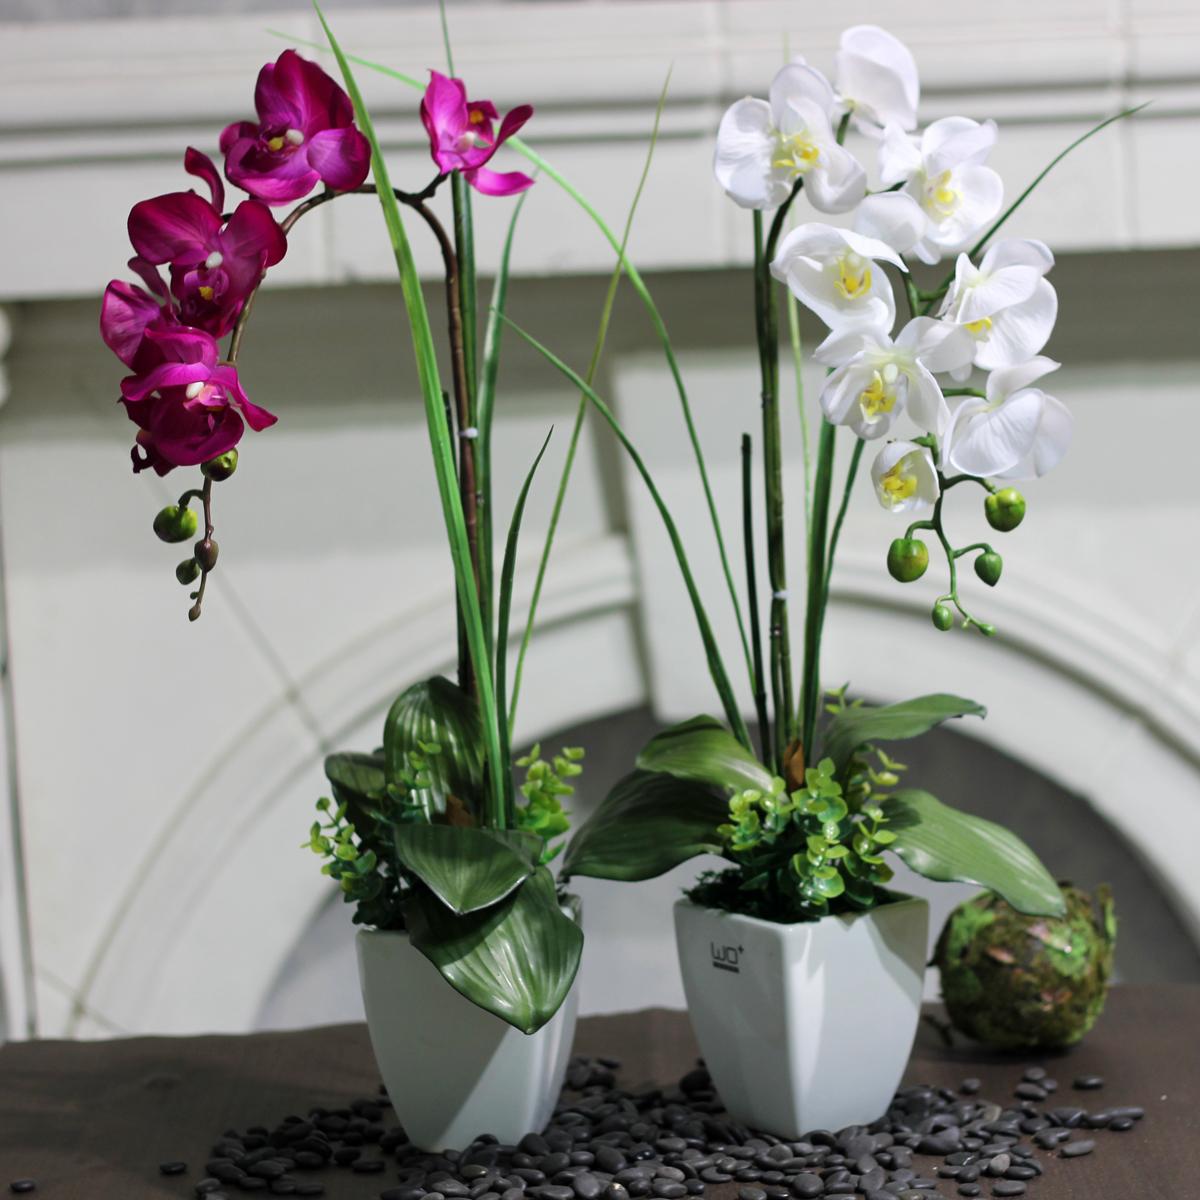 flower set ceramic flower pot home dining table